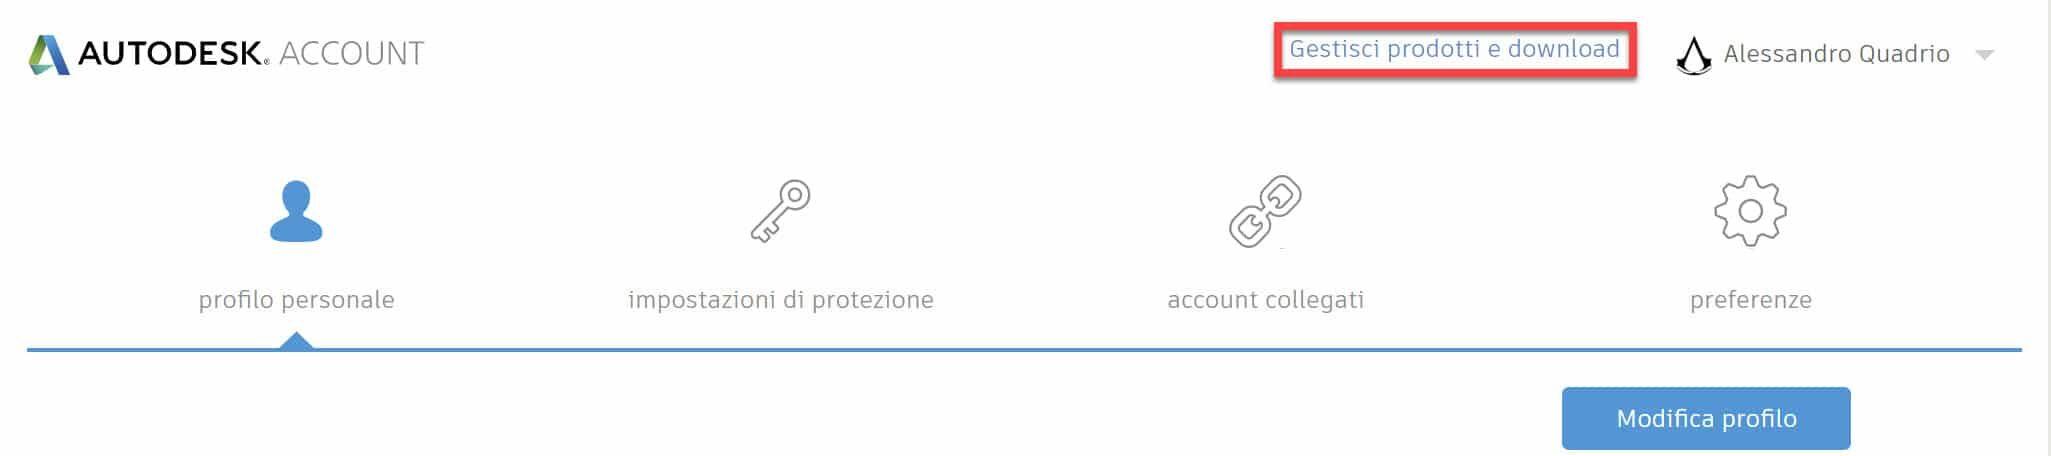 Accesso Autodesk Account